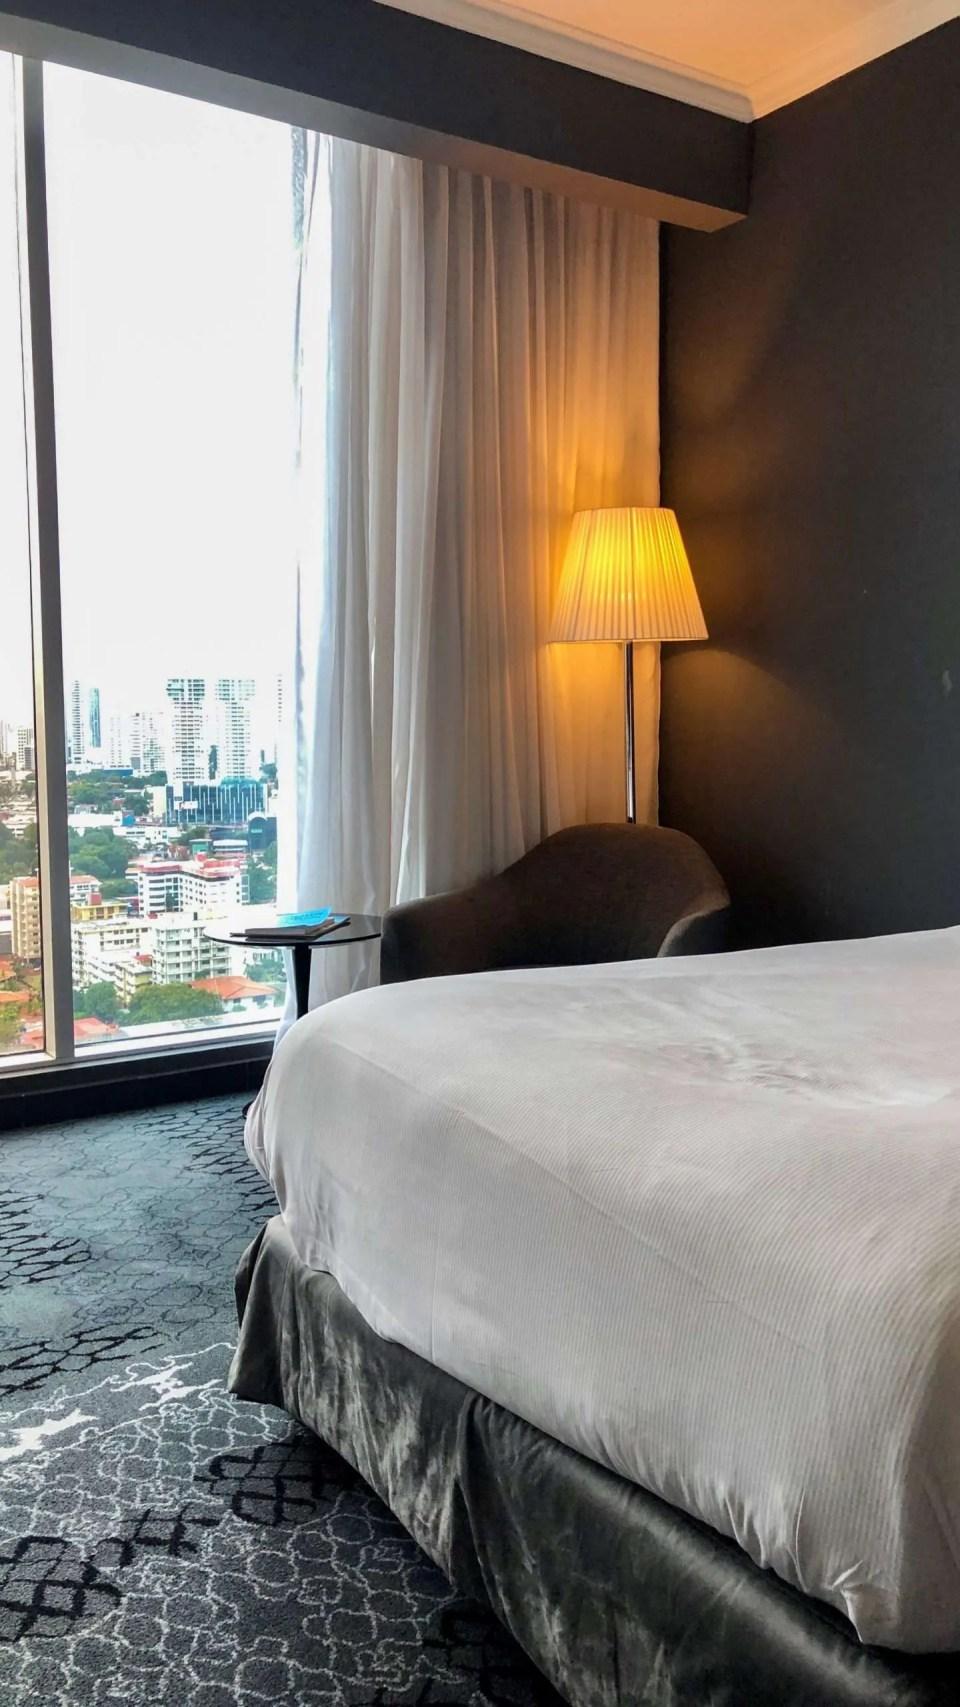 City as a Family, Panama City as a Family, Sortis Hotel and Casino, Panama, Marriott Panama, Marriott Hotels